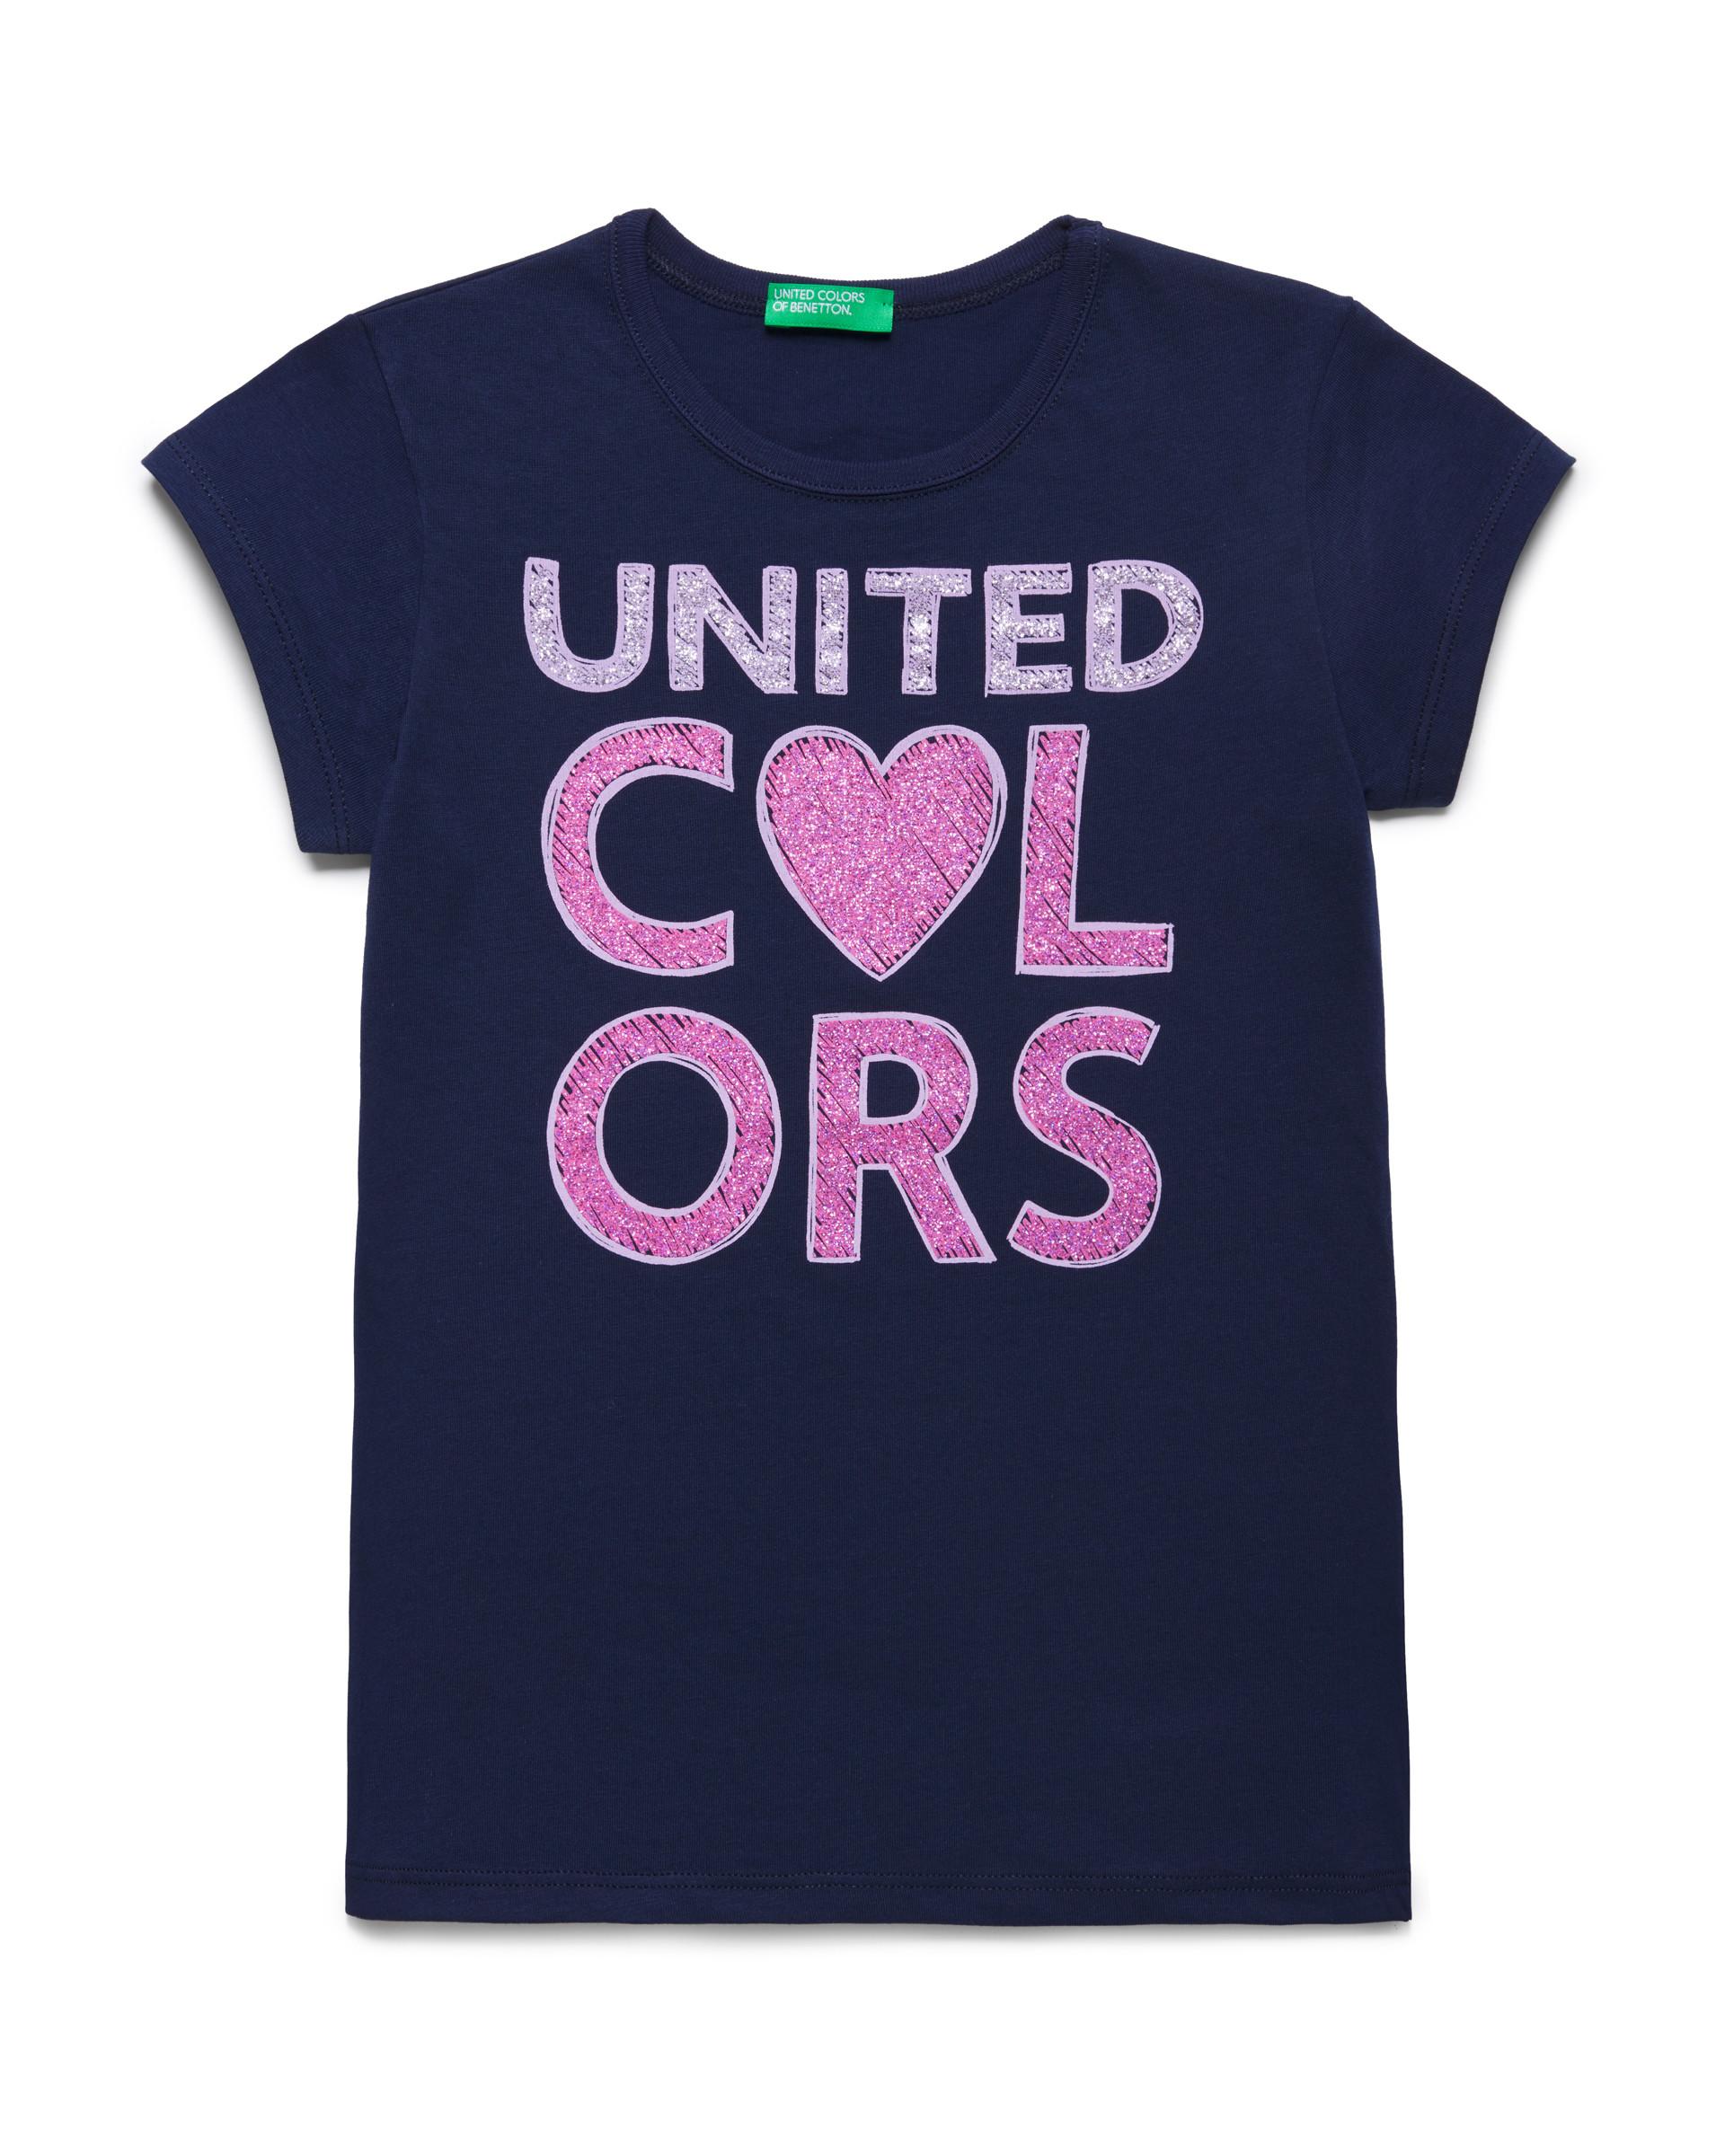 Купить 20P_3096C14J1_252, Футболка для девочек Benetton 3096C14J1_252 р-р 92, United Colors of Benetton, Кофточки, футболки для новорожденных